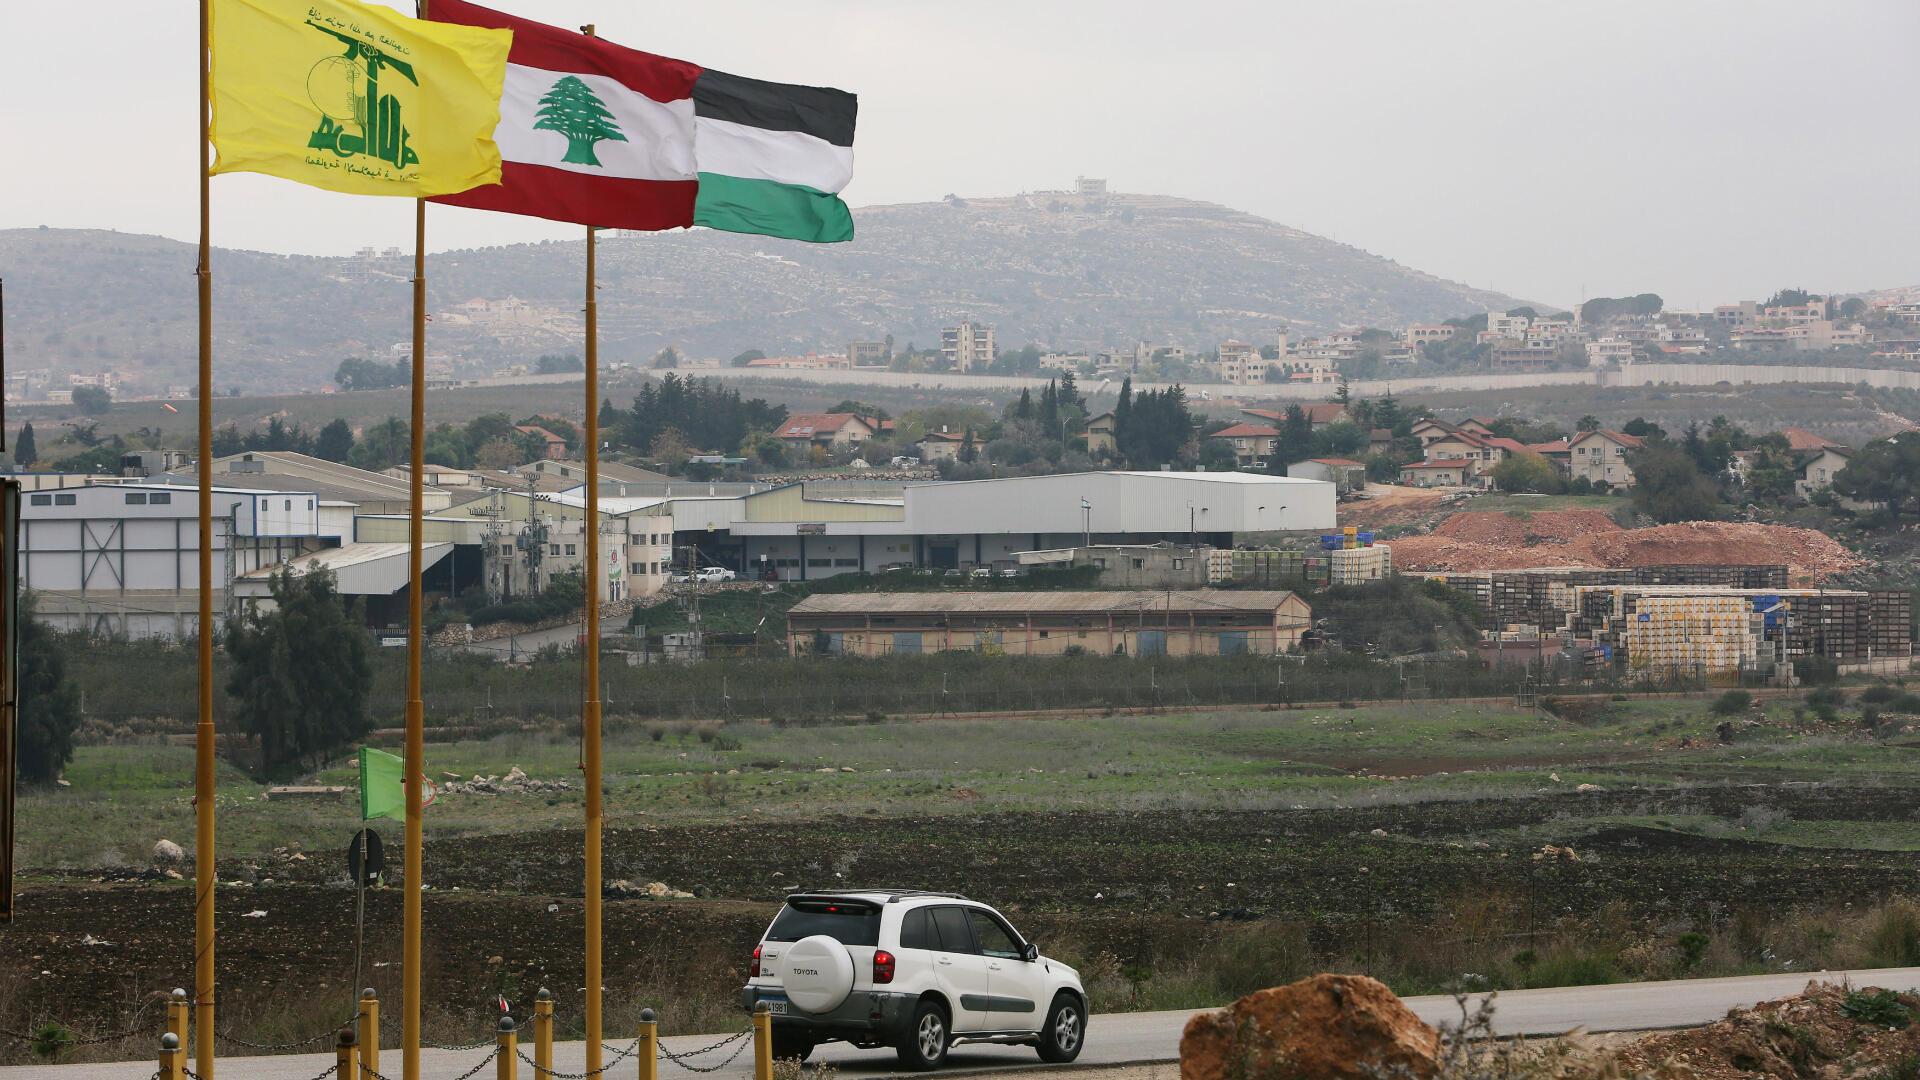 Las banderas de Hezbolá, Líbano y Palestina se ondean cerca del límite con Israel en el pueblo de Khiam, Líbano, el 4 de diciembre de 2018.